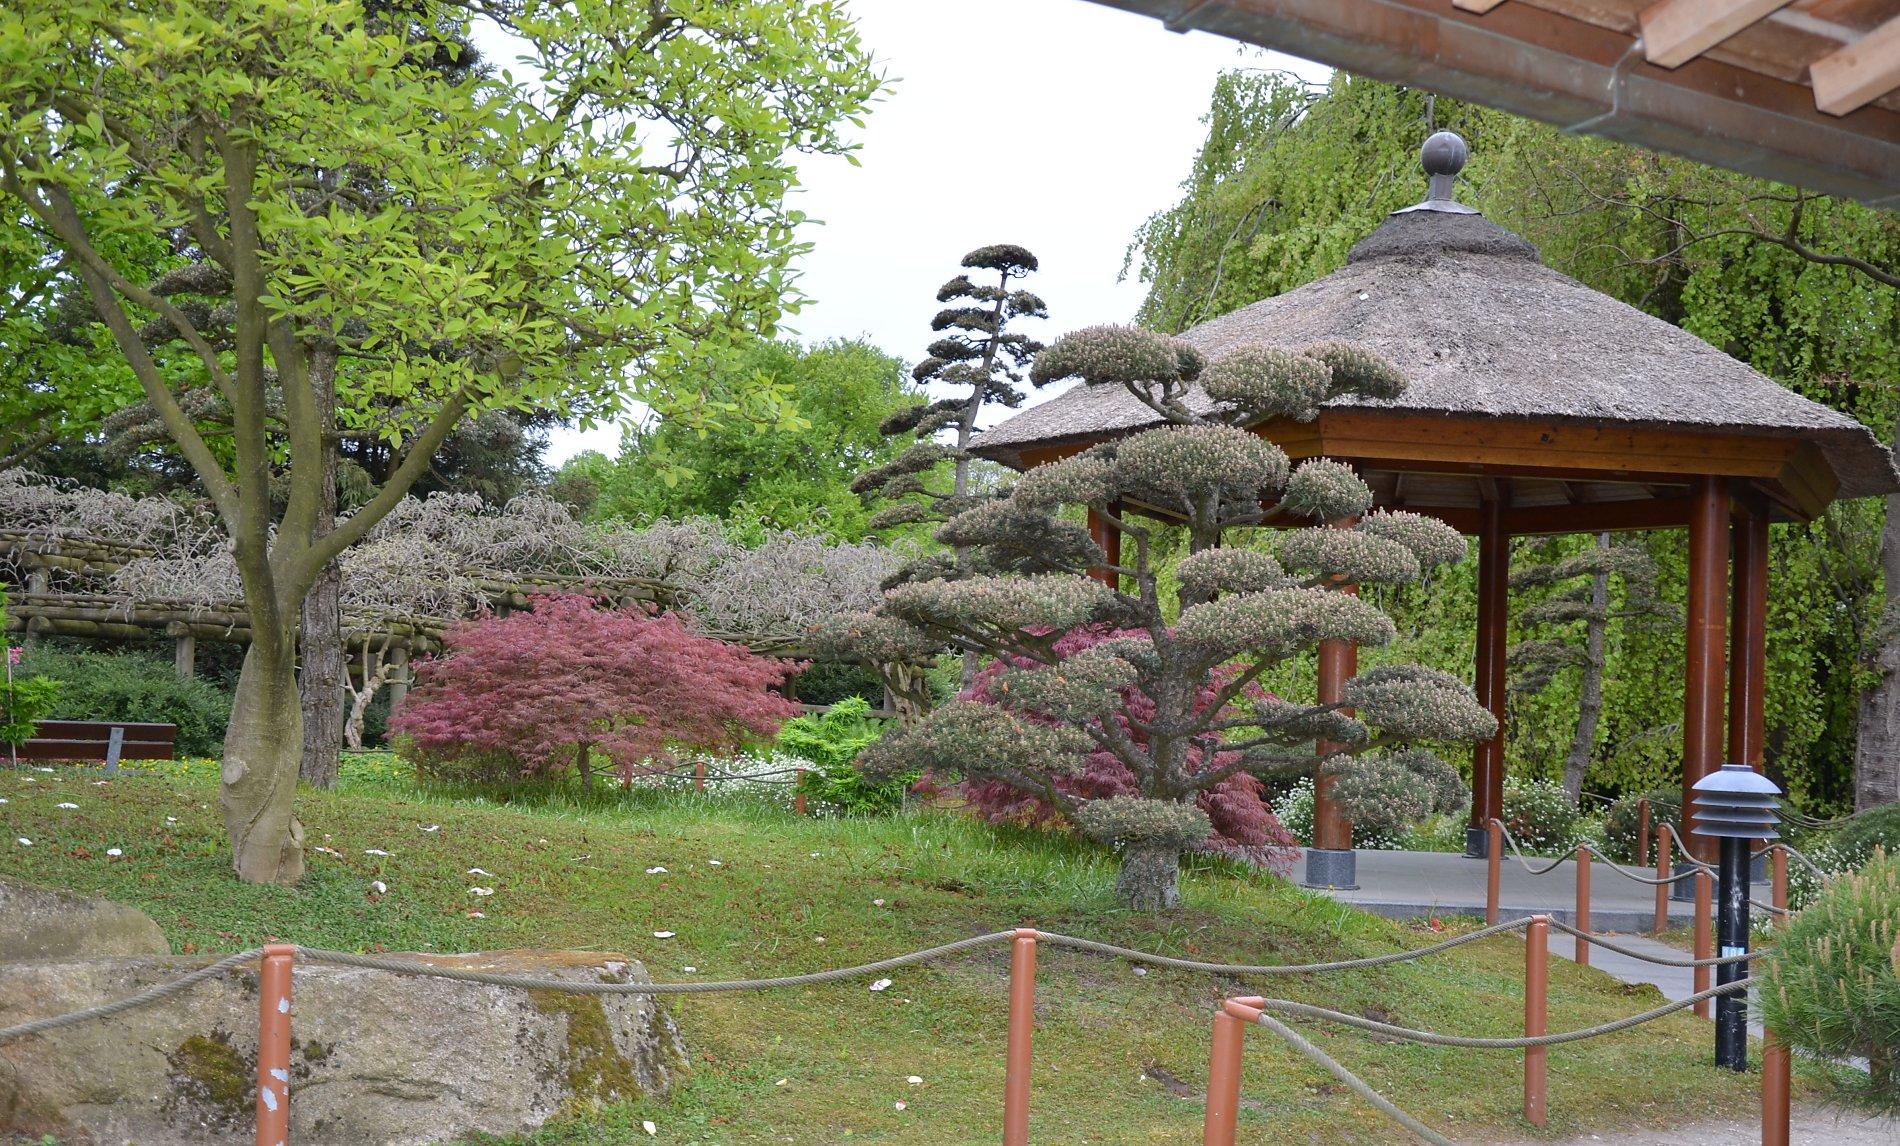 Blick von einer Meditationsbank hinter dem Teehaus auf den Garten